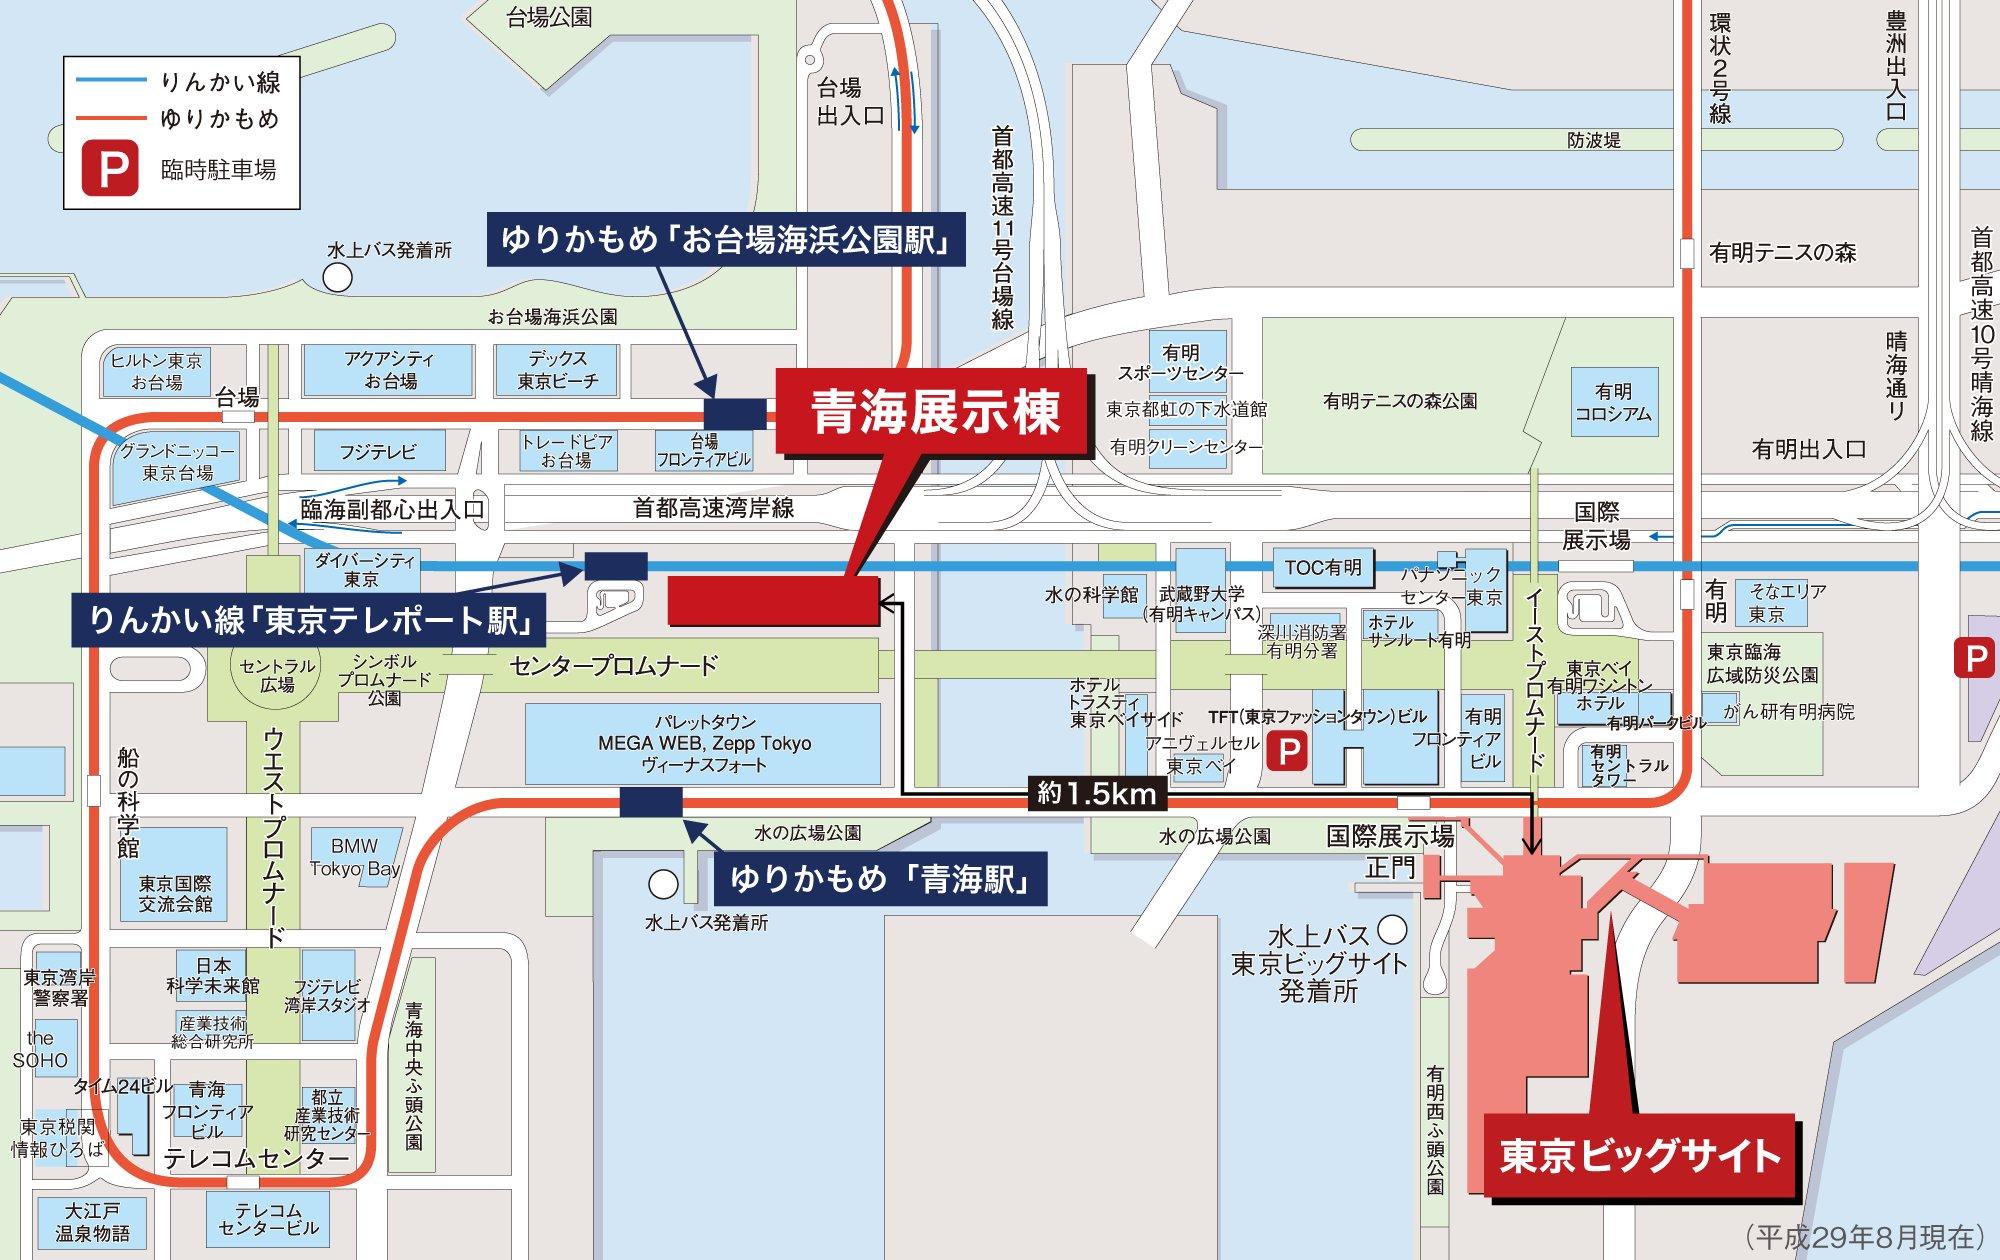 画像,C96・97で企業ブースが入る青海展示棟って一駅となりじゃん……やばくね? https://t.co/ItsABJiW75…